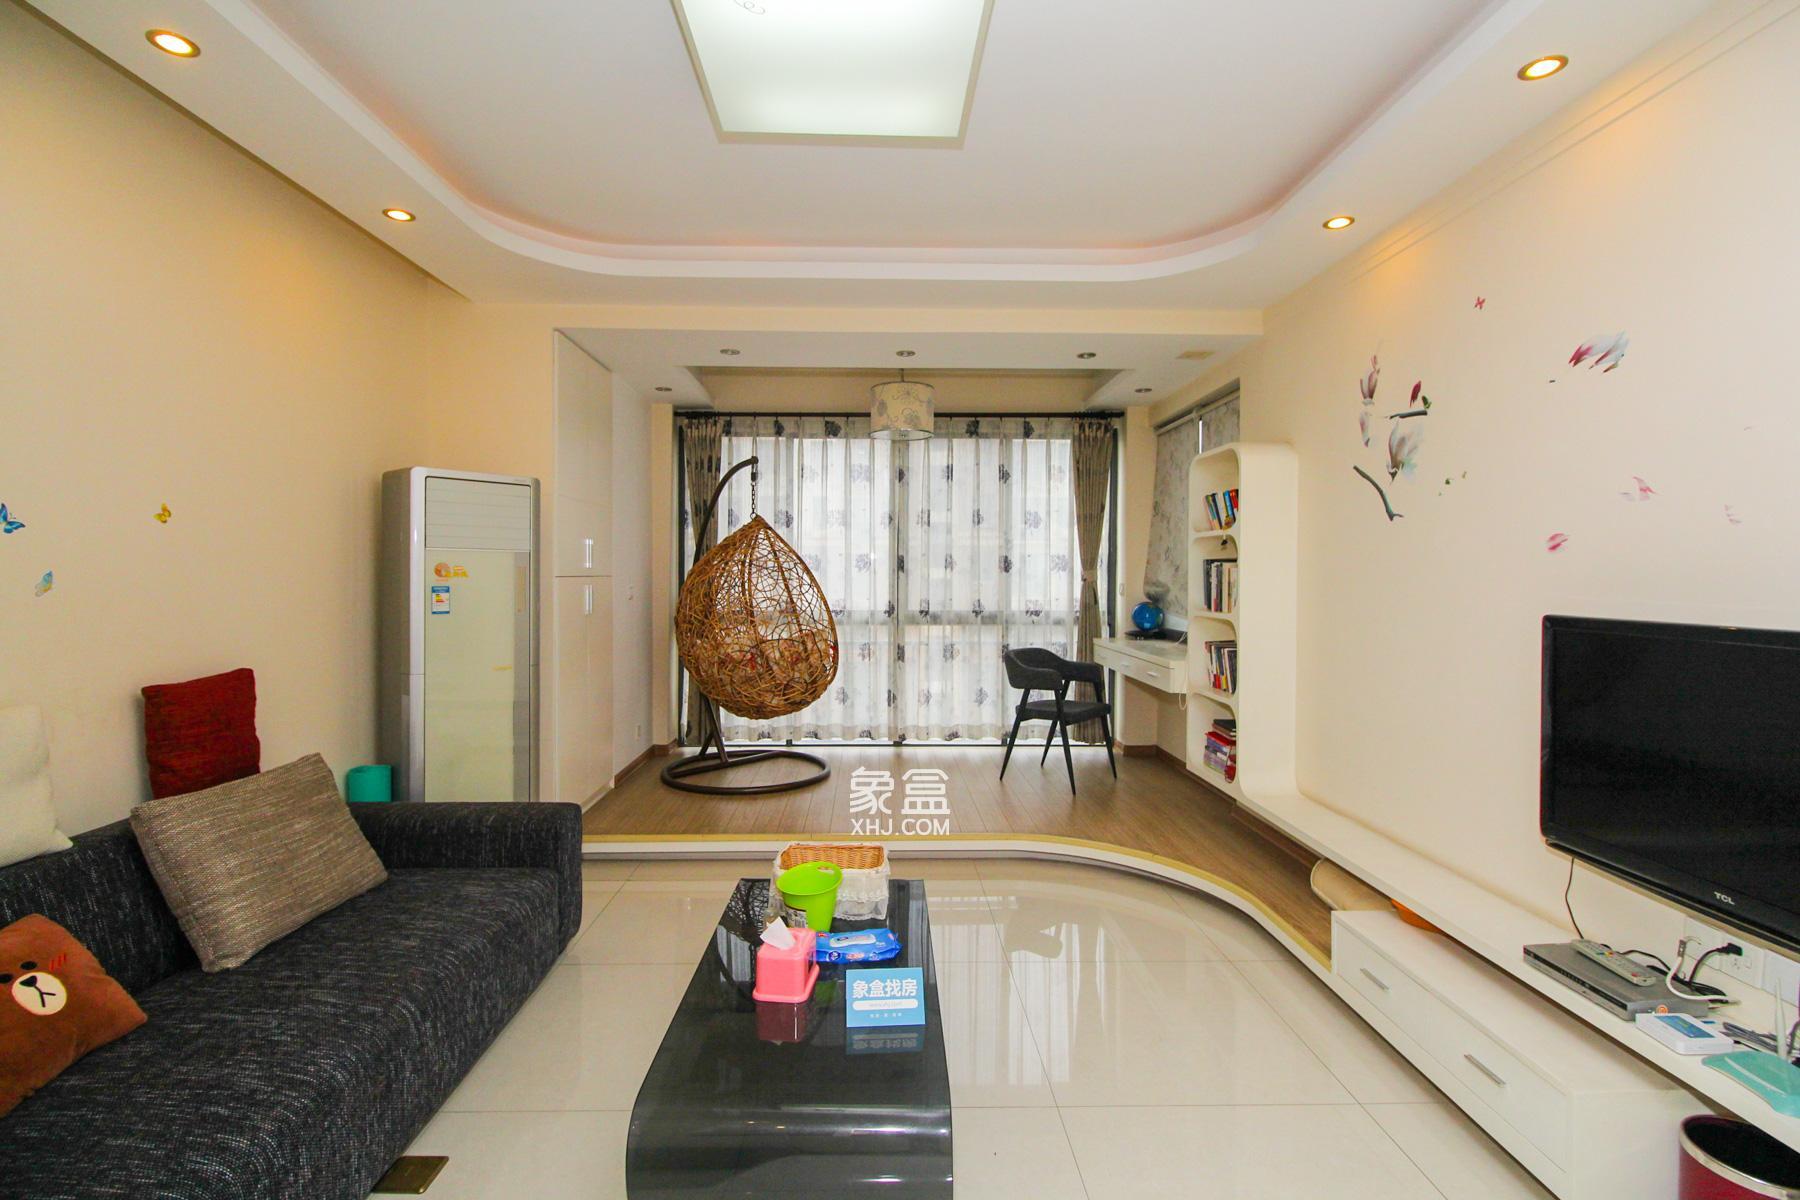 上海城小区  2室2厅1卫    118.0万